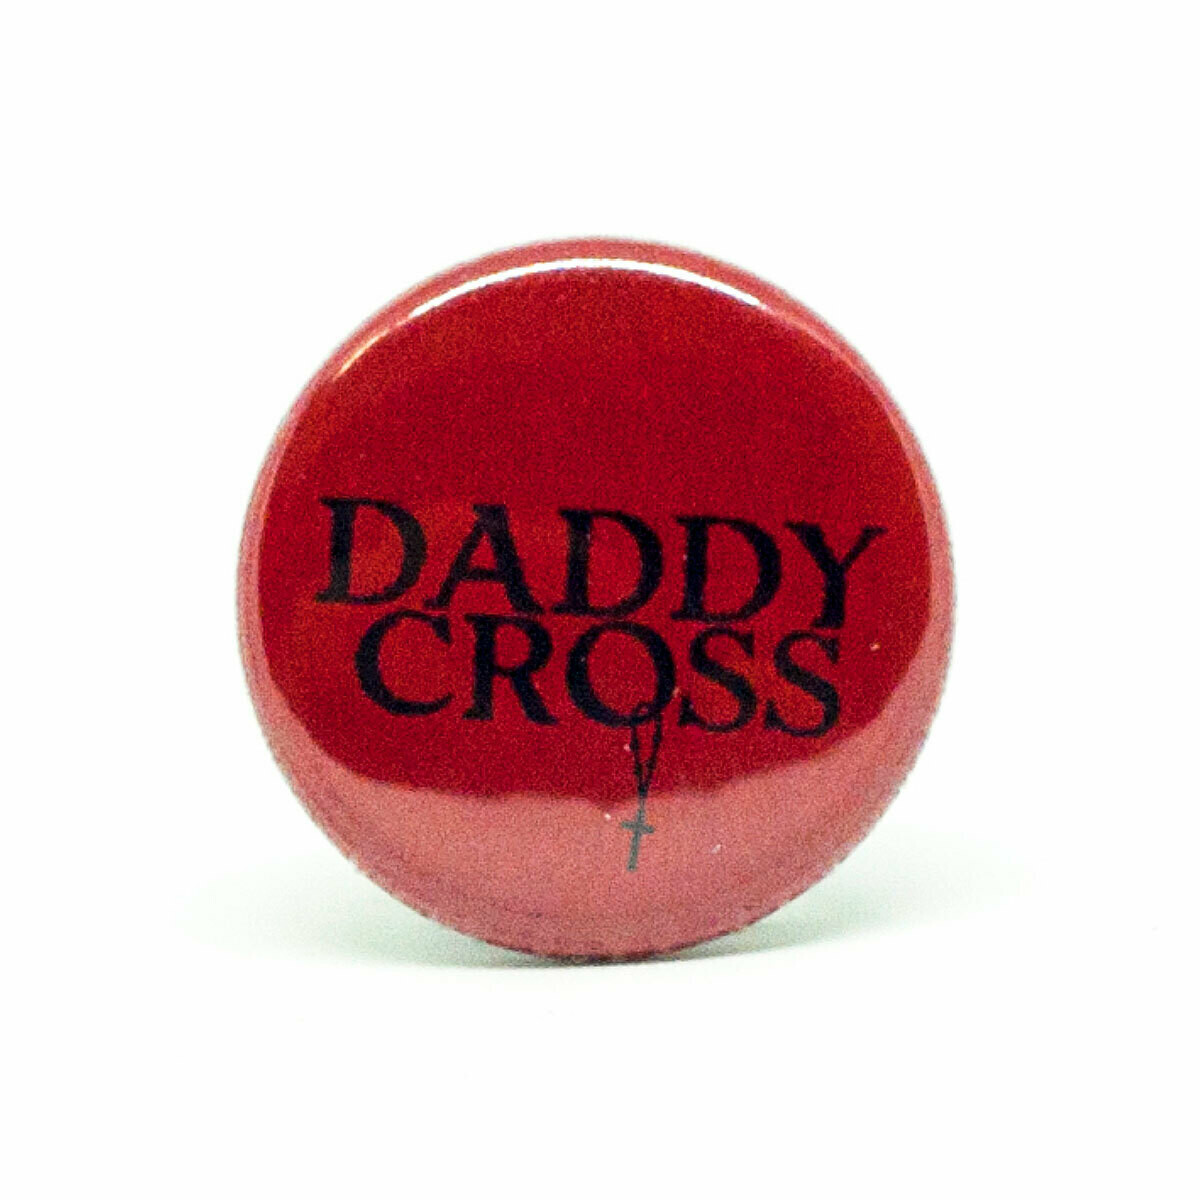 Set Daddy Cross / Pin (small size) + Sticker